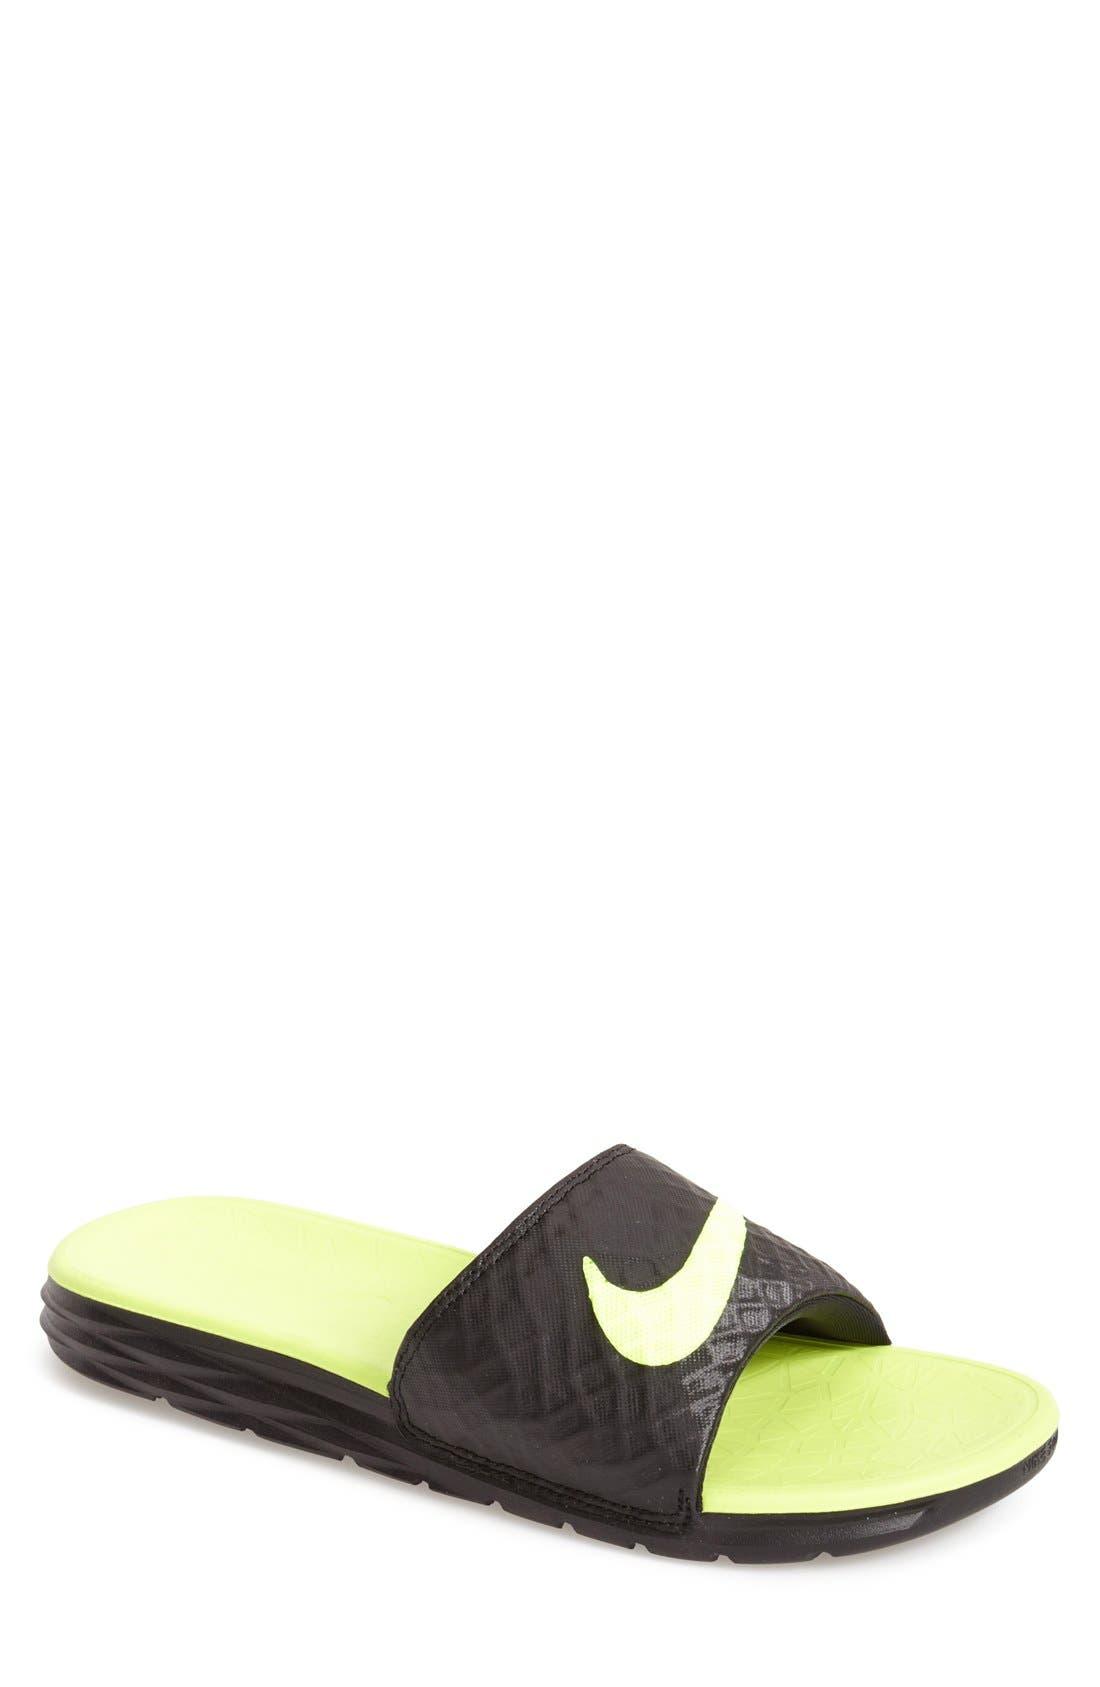 'Benassi Solarsoft 2' Slide Sandal,                         Main,                         color, Black/ Volt